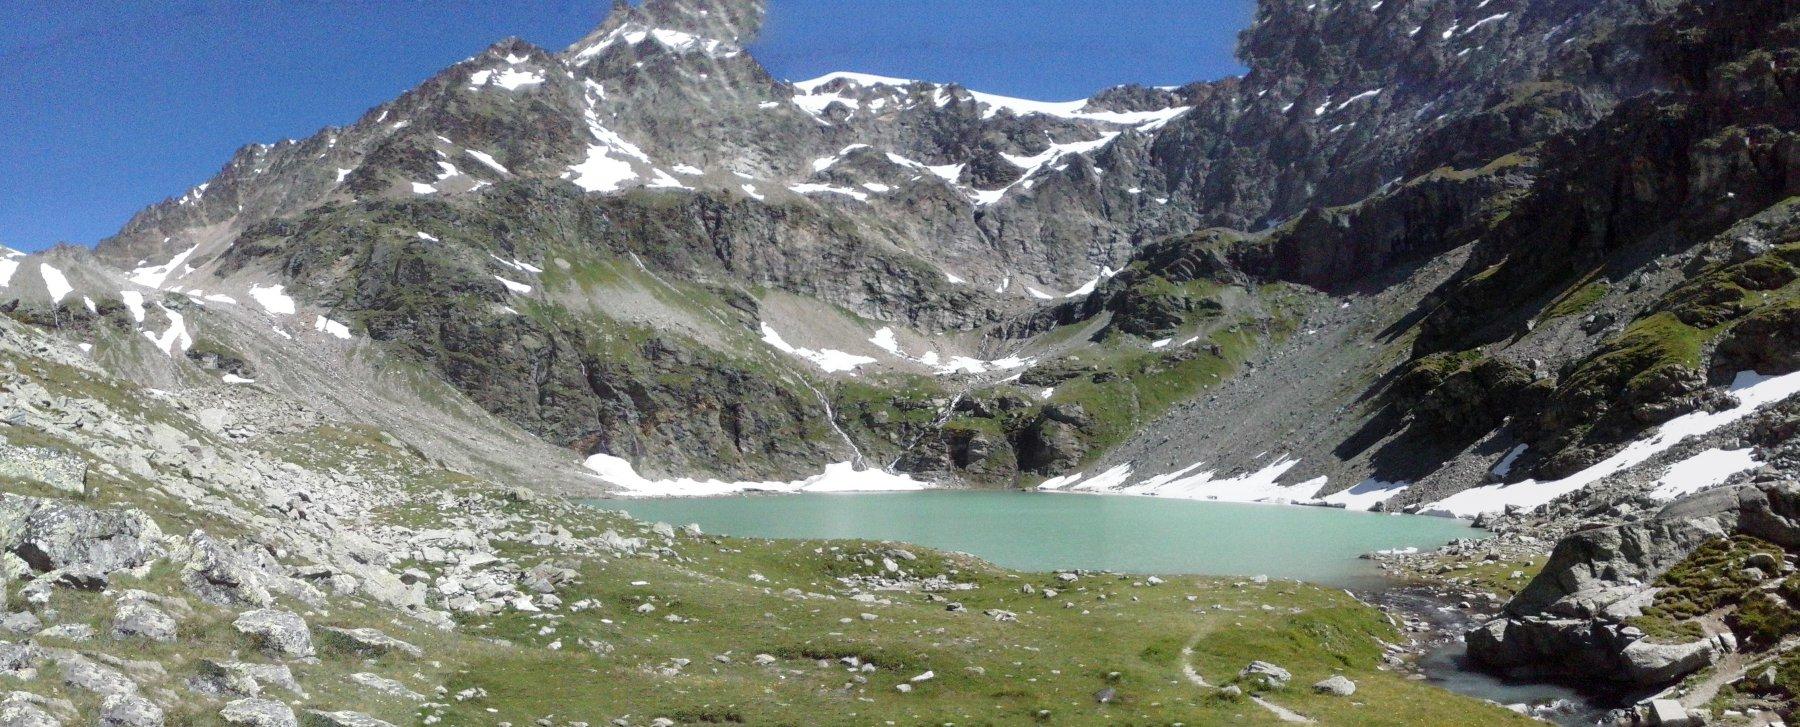 l'arrivo al lago color smeraldo...ancora nessuno prima di noi...